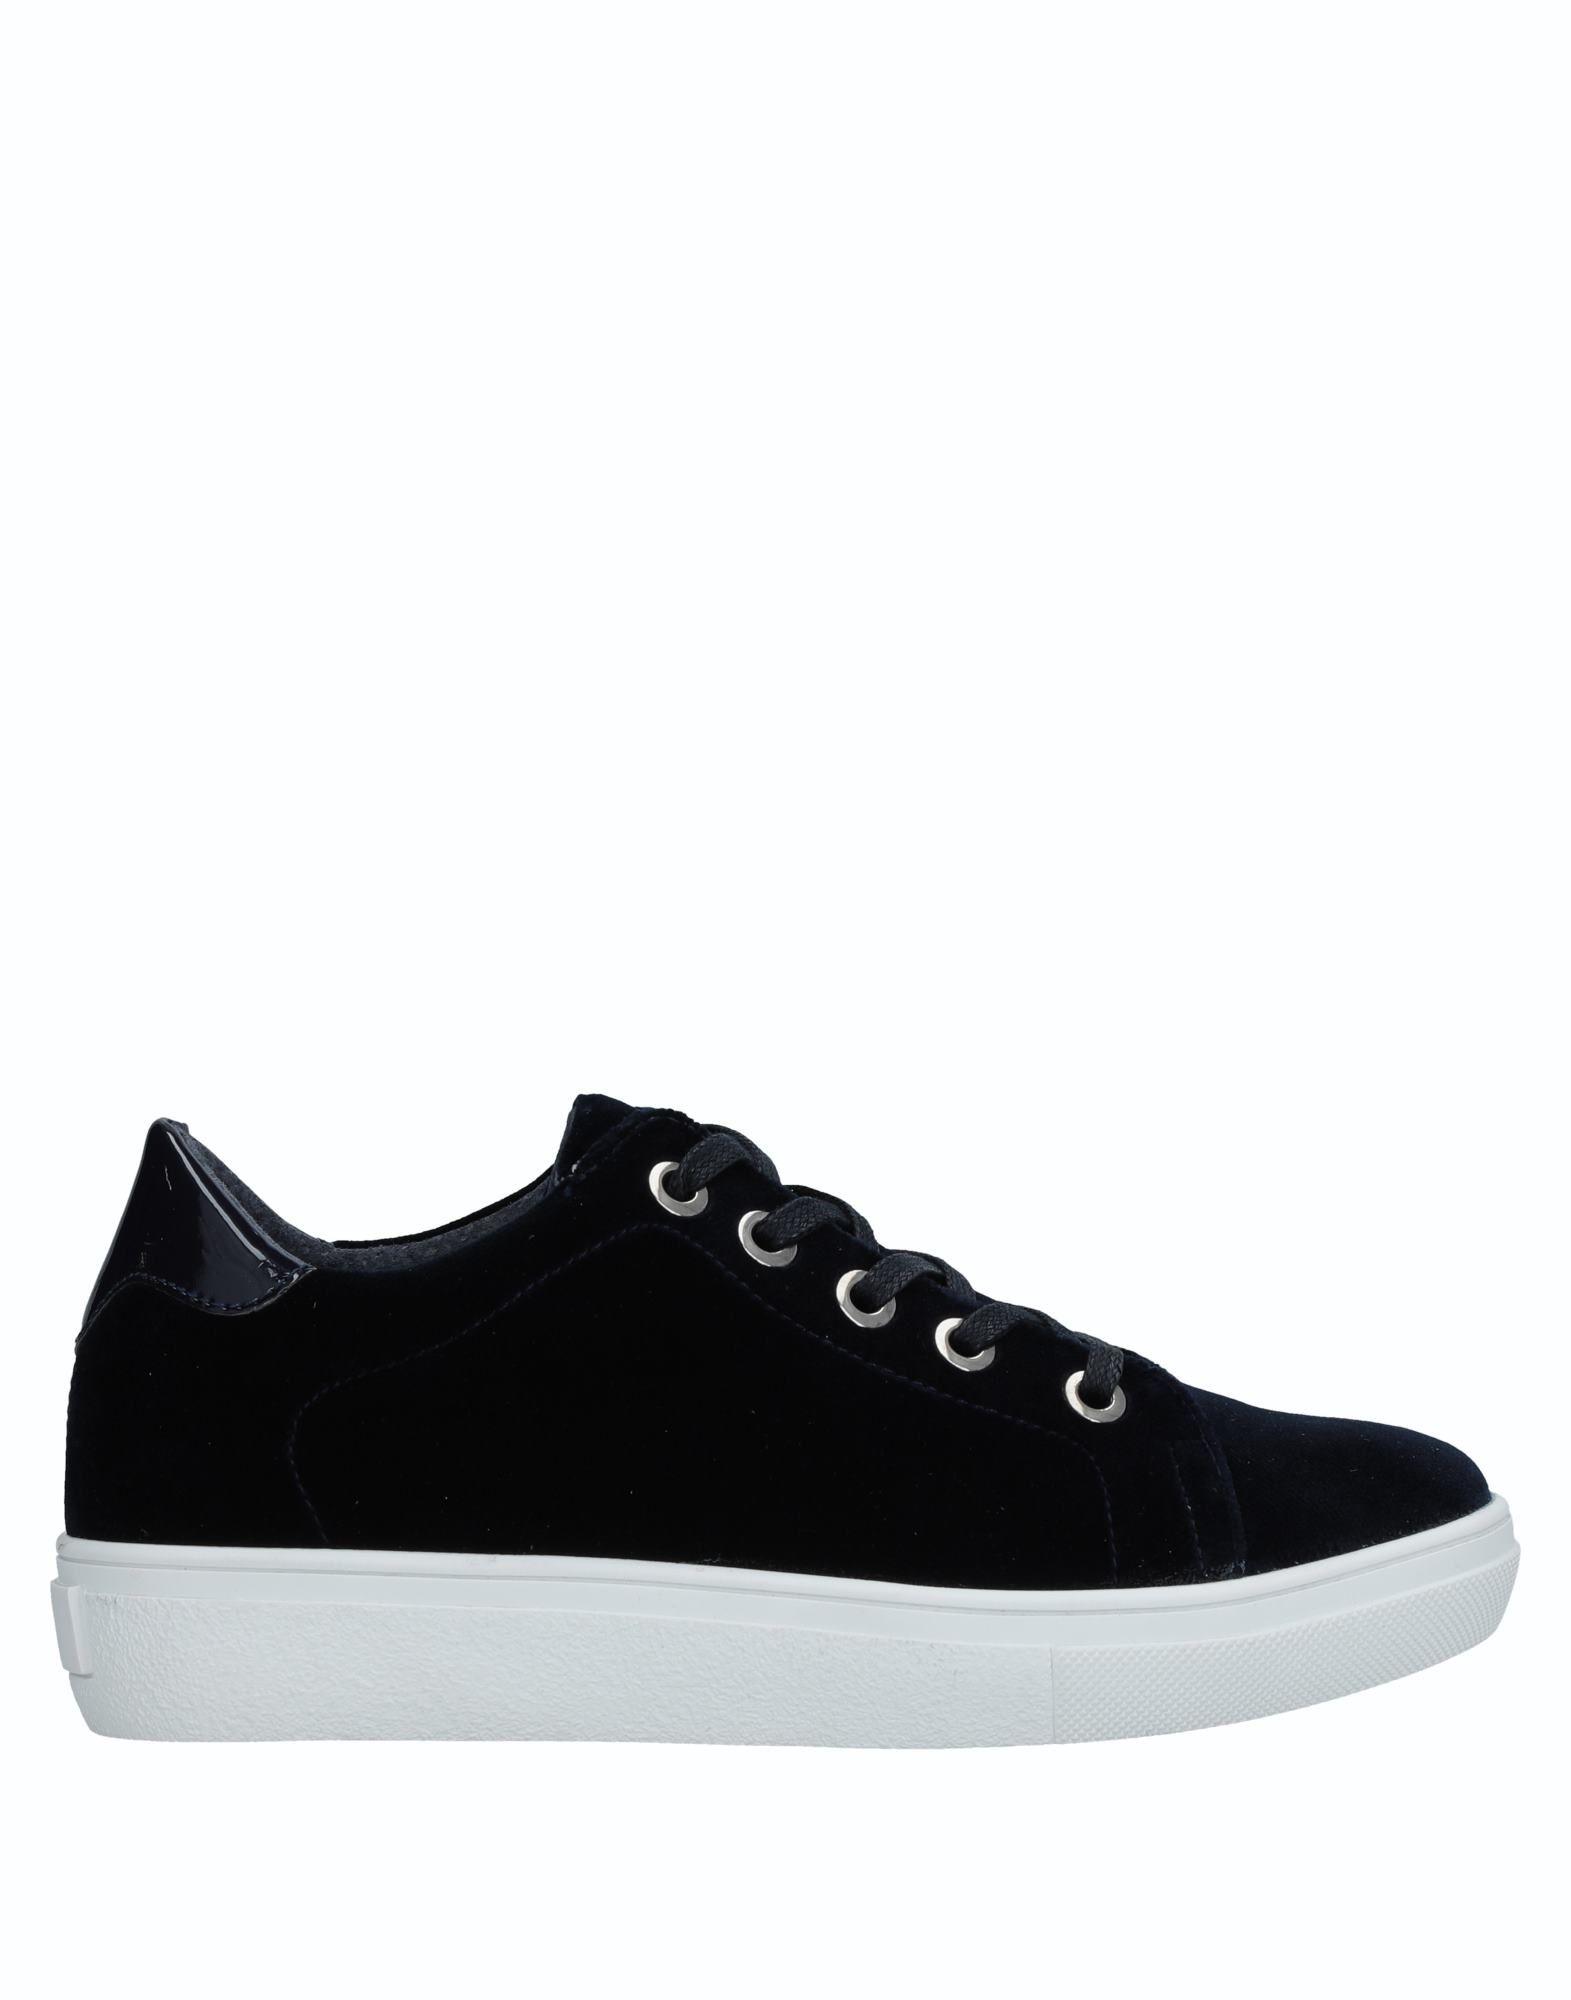 MARIA BARCELO Низкие кеды и кроссовки maria barcelo обувь на шнурках